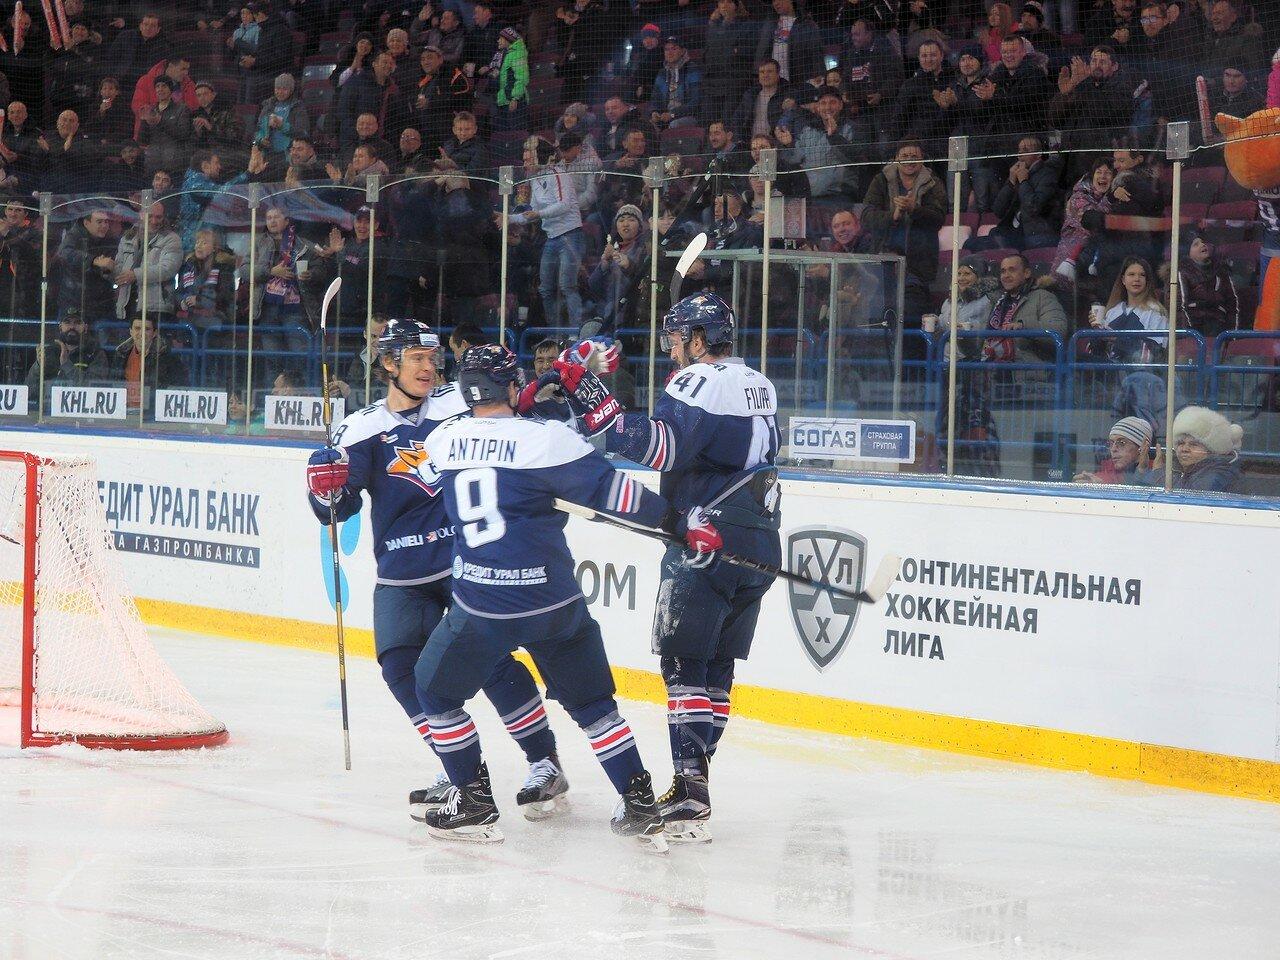 84Металлург - Динамо Москва 21.11.2016